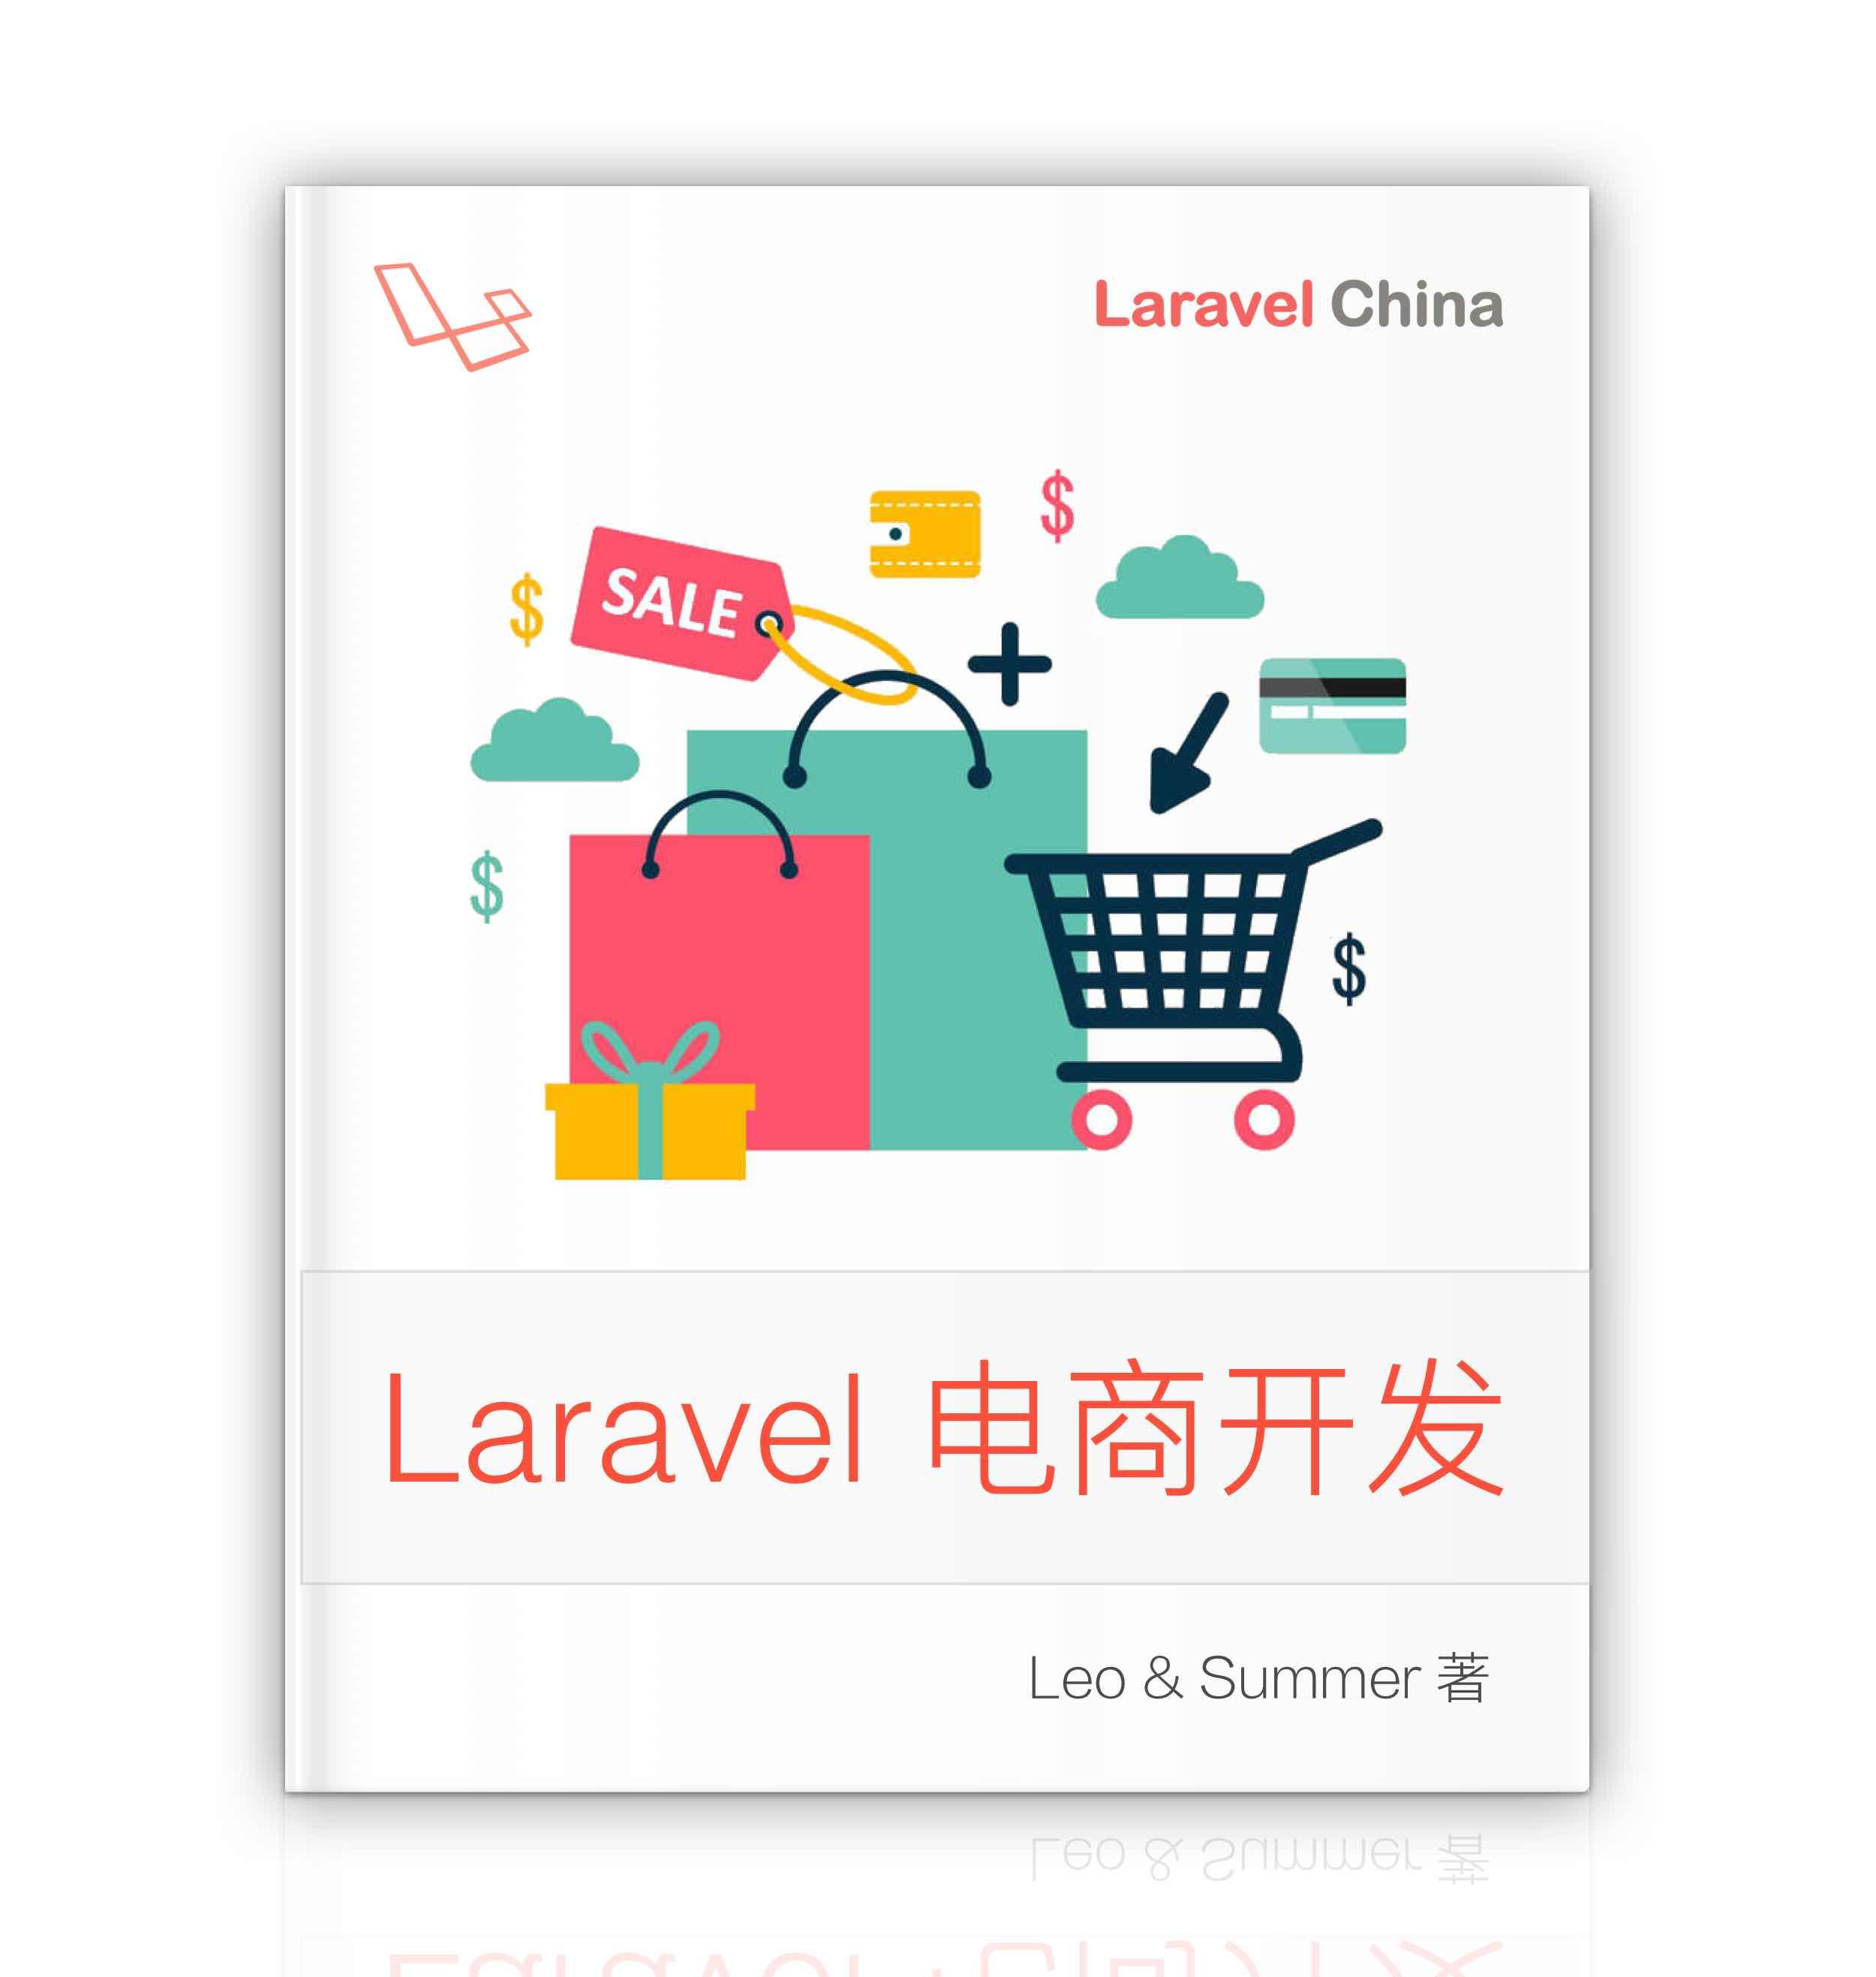 《L05 Laravel 教程 - 电商实战》